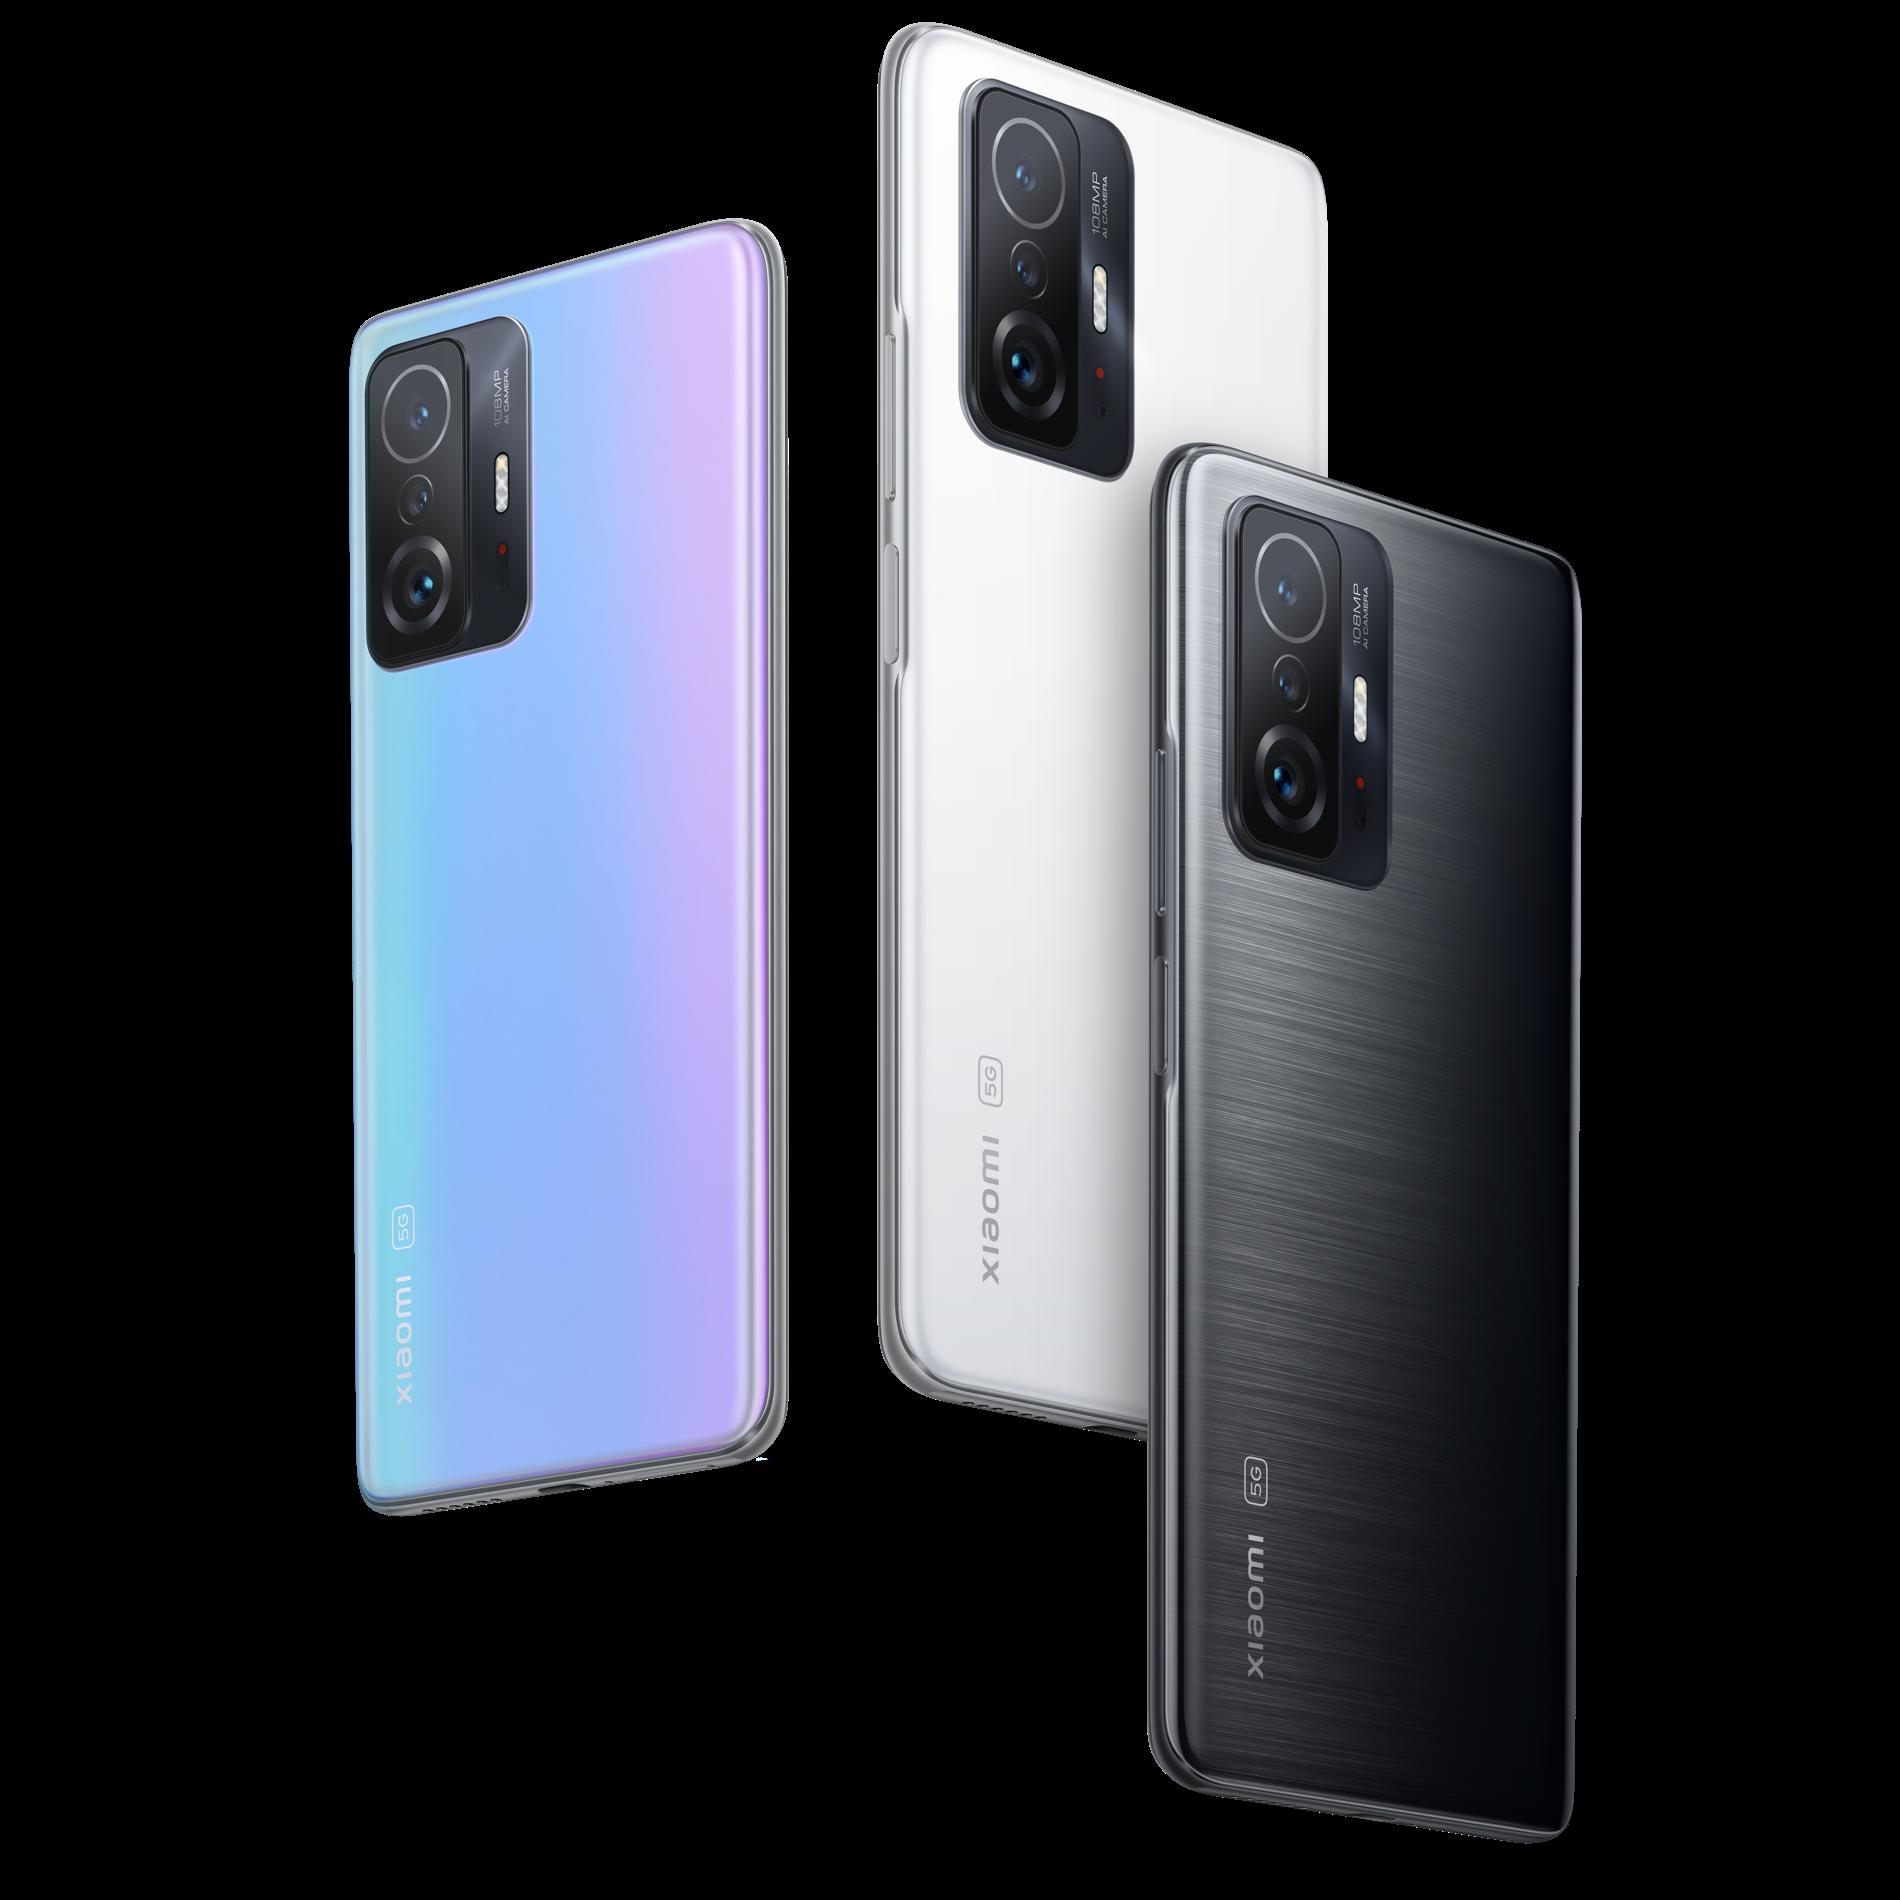 Xiaomi lansează în România modelele de top axate pe creare de conținut, Xiaomi 11T Pro și Xiaomi 11T, alături de Xiaomi 11 Lite 5G NE